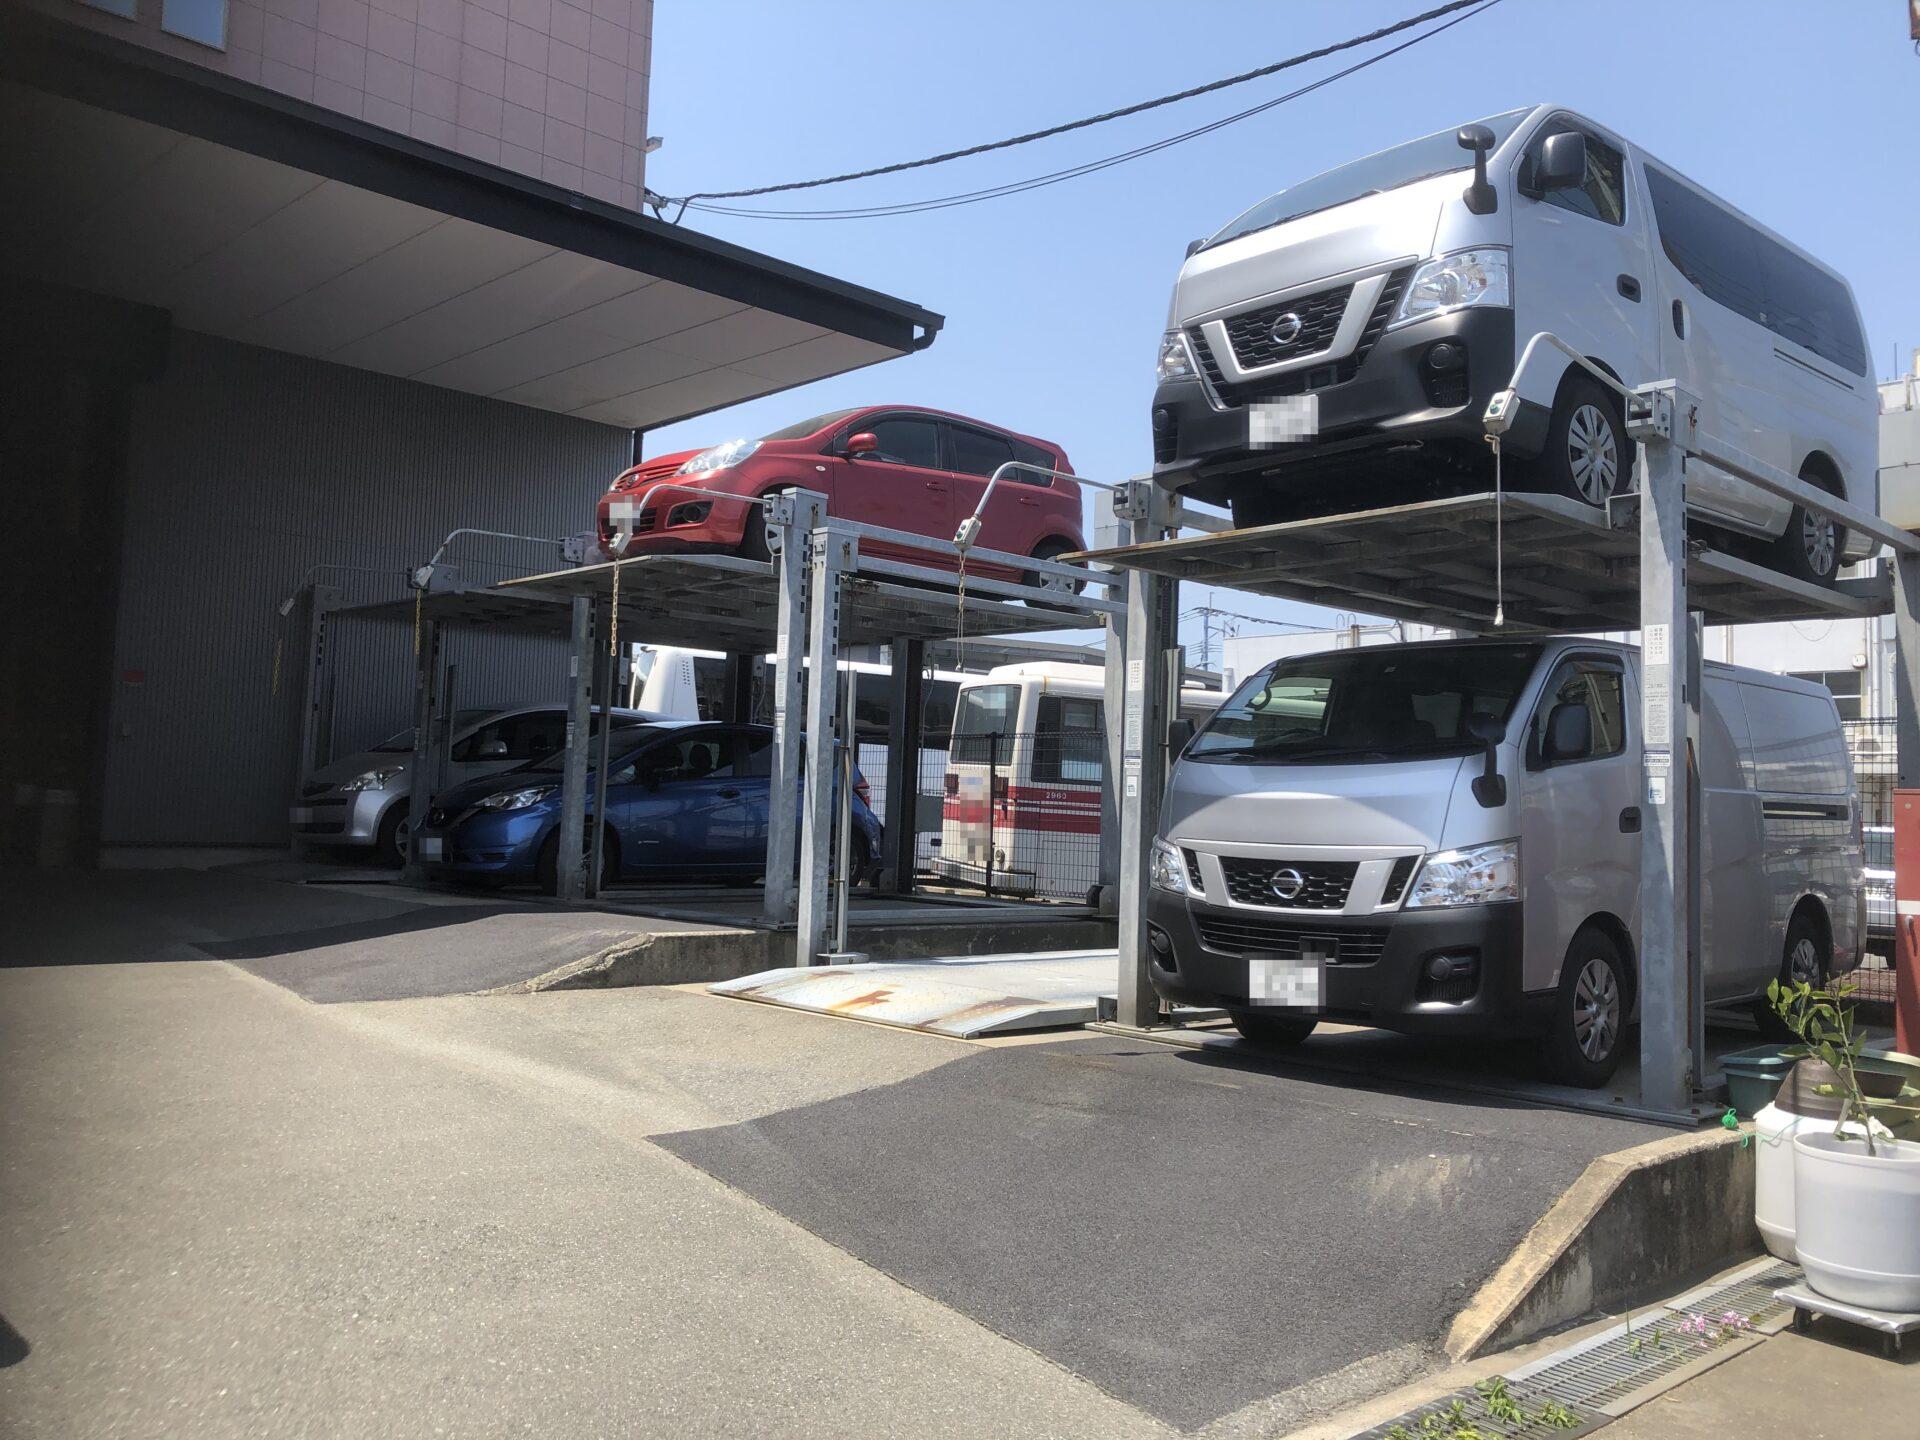 2020年5月度 九州エリア82件 立体駐車場メンテナンス受託を頂きました!